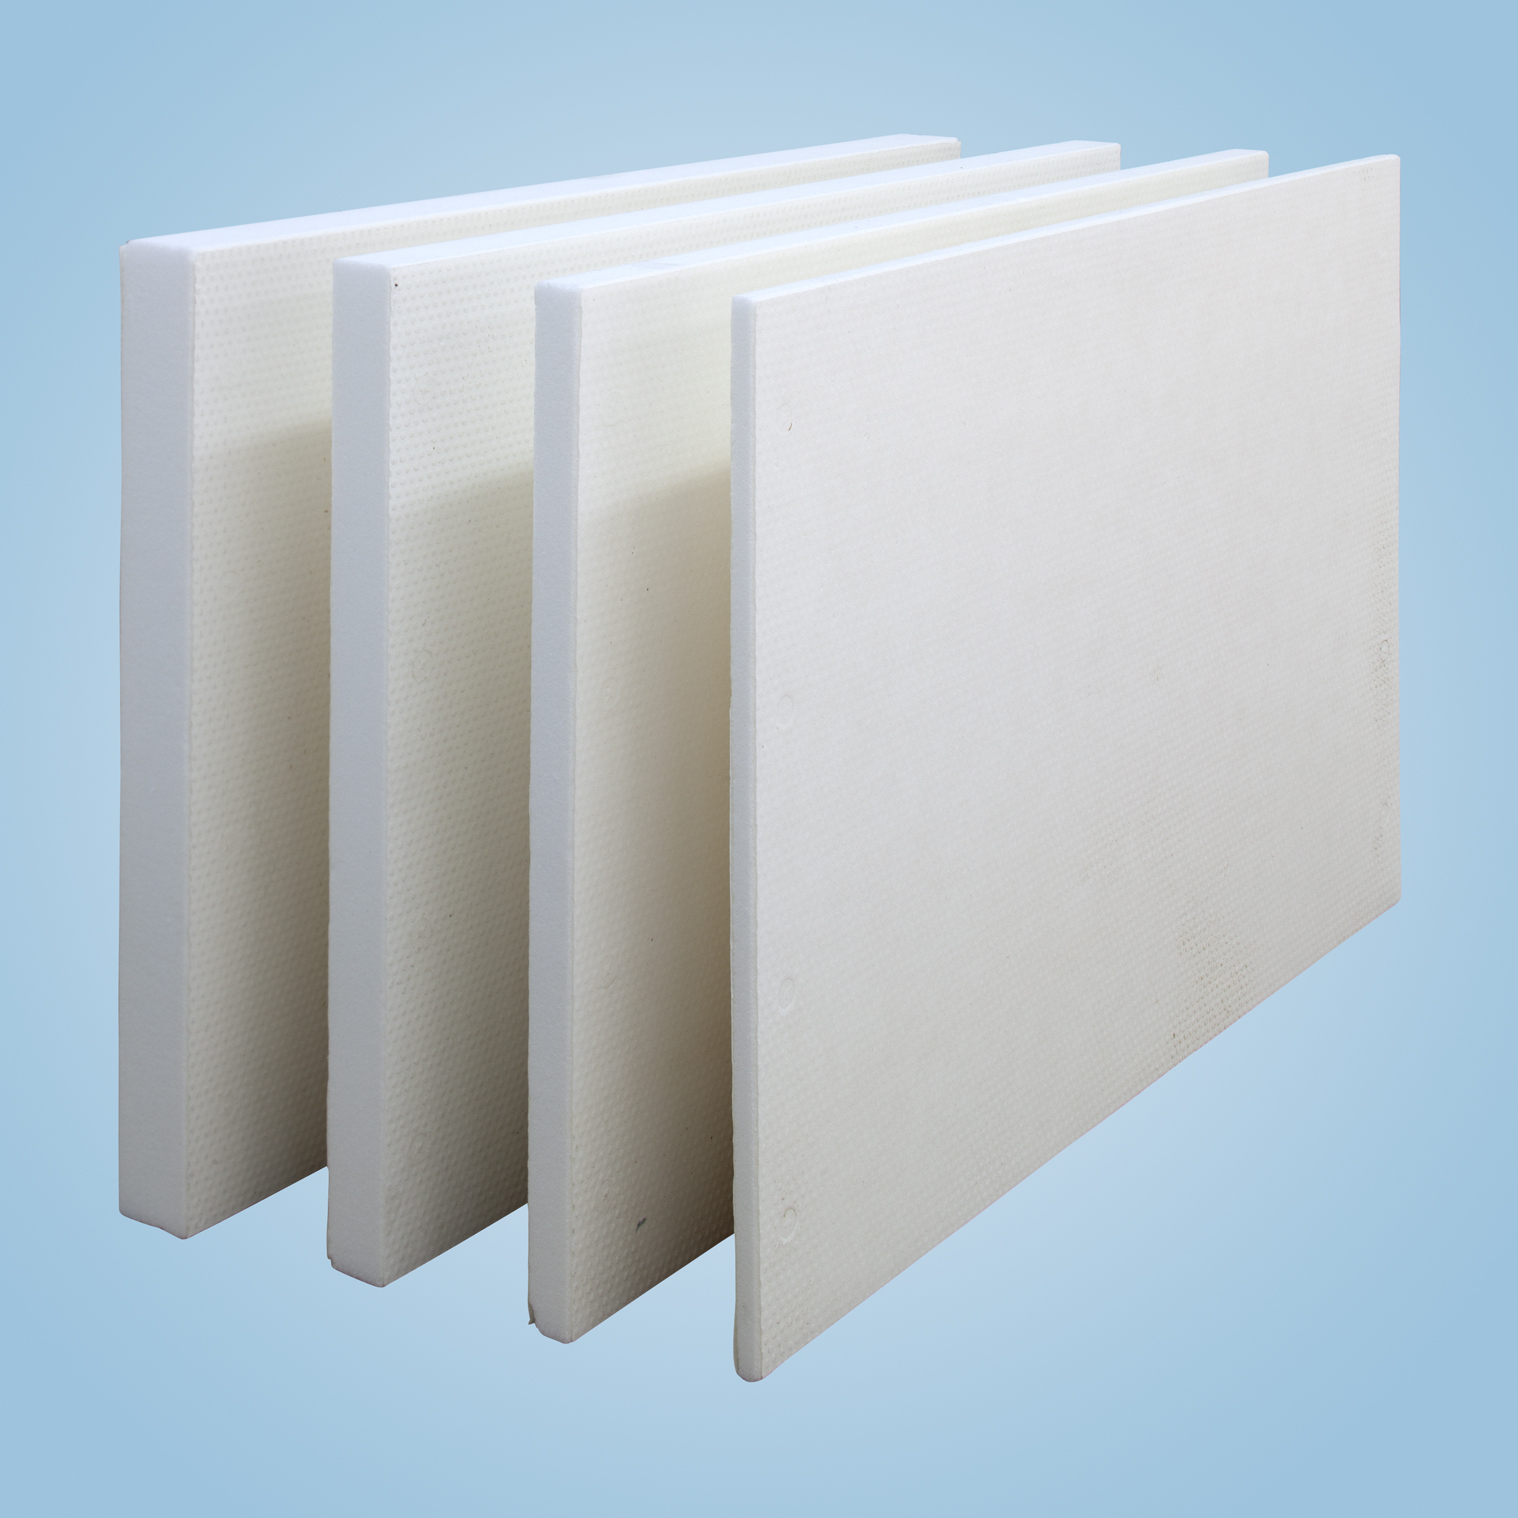 Pannelli aerogel vendita confortevole soggiorno nella casa for Pannelli isolanti termici per interni